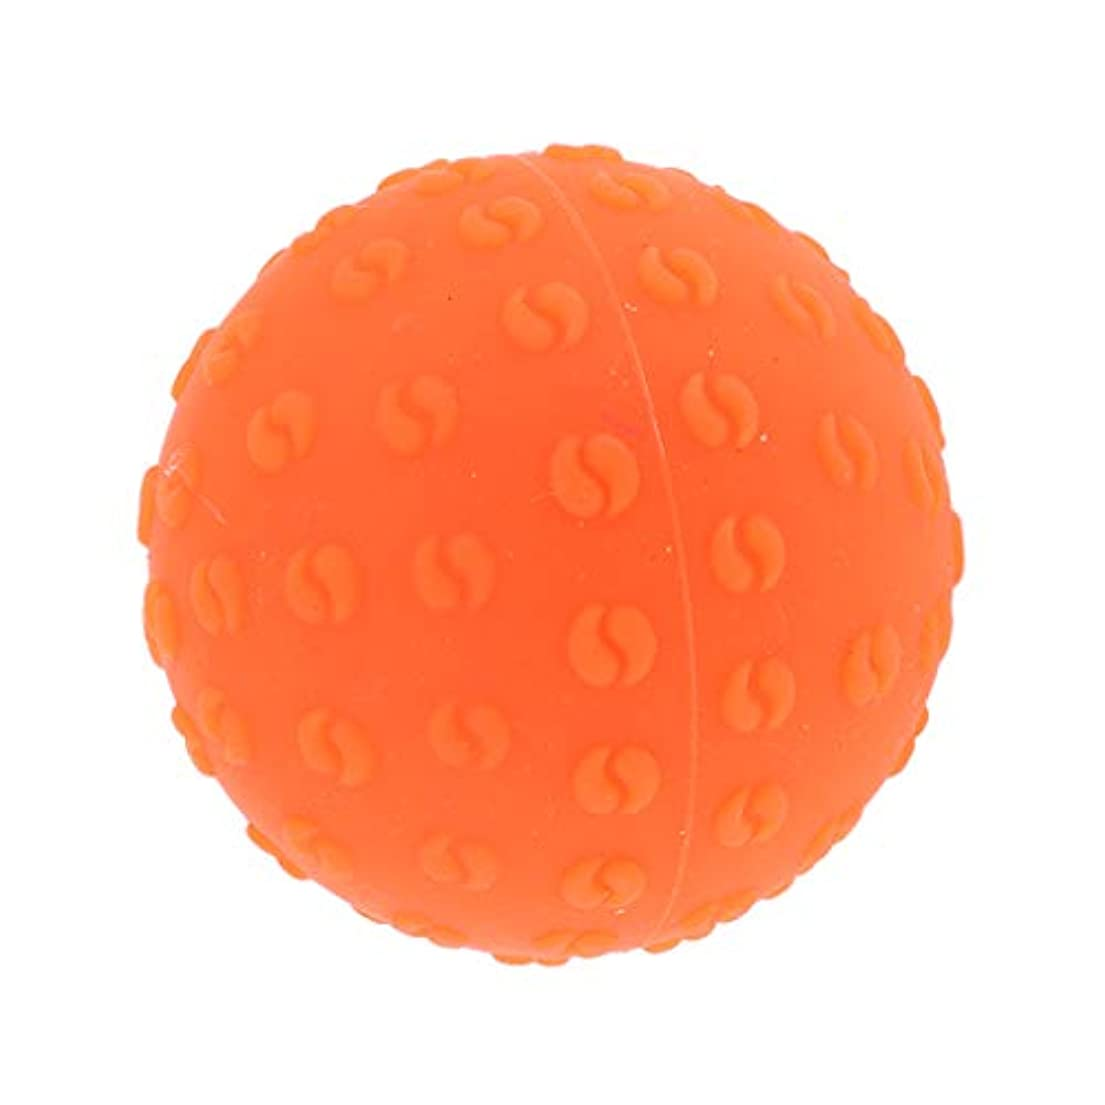 ポスト印象派有益な欲求不満Fenteer マッサージボール 指圧ボール シリコーン トリガーポイント 足底筋膜炎 ヨガ ツボ押しグッズ 全6色 - オレンジ, 説明のとおり